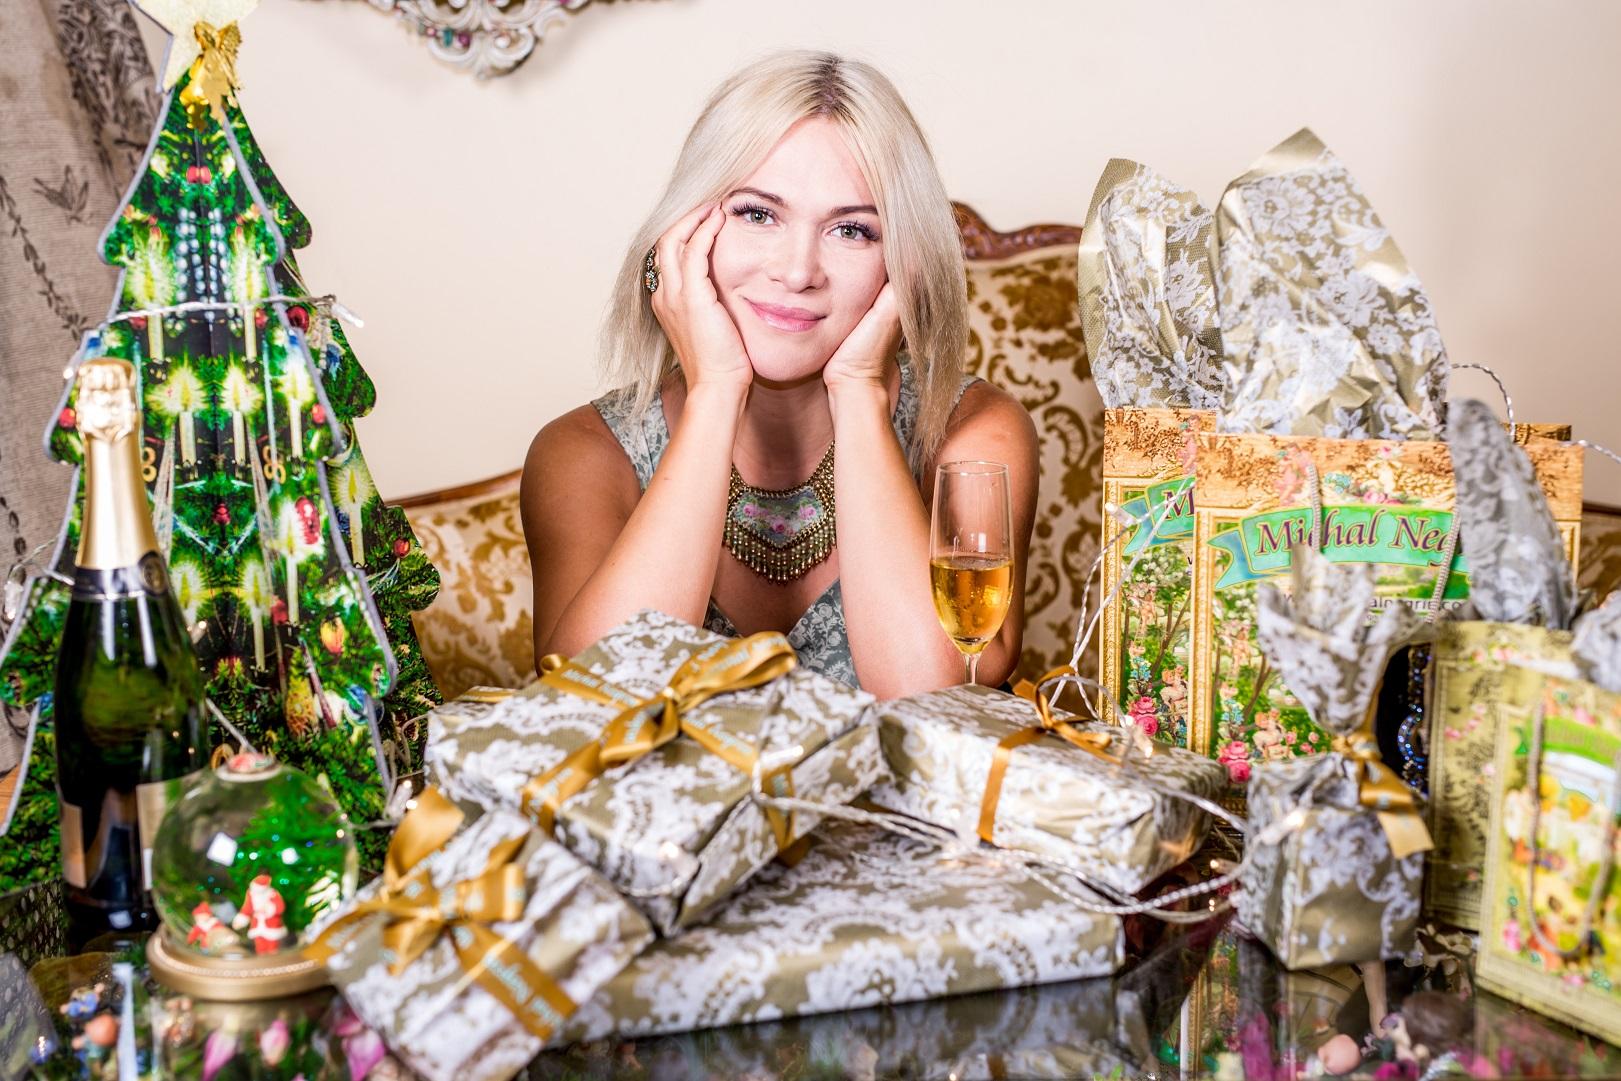 Чего хочет женщина или Новогодняя акция в Michal Negrin: весь ассортимент – без НДС!